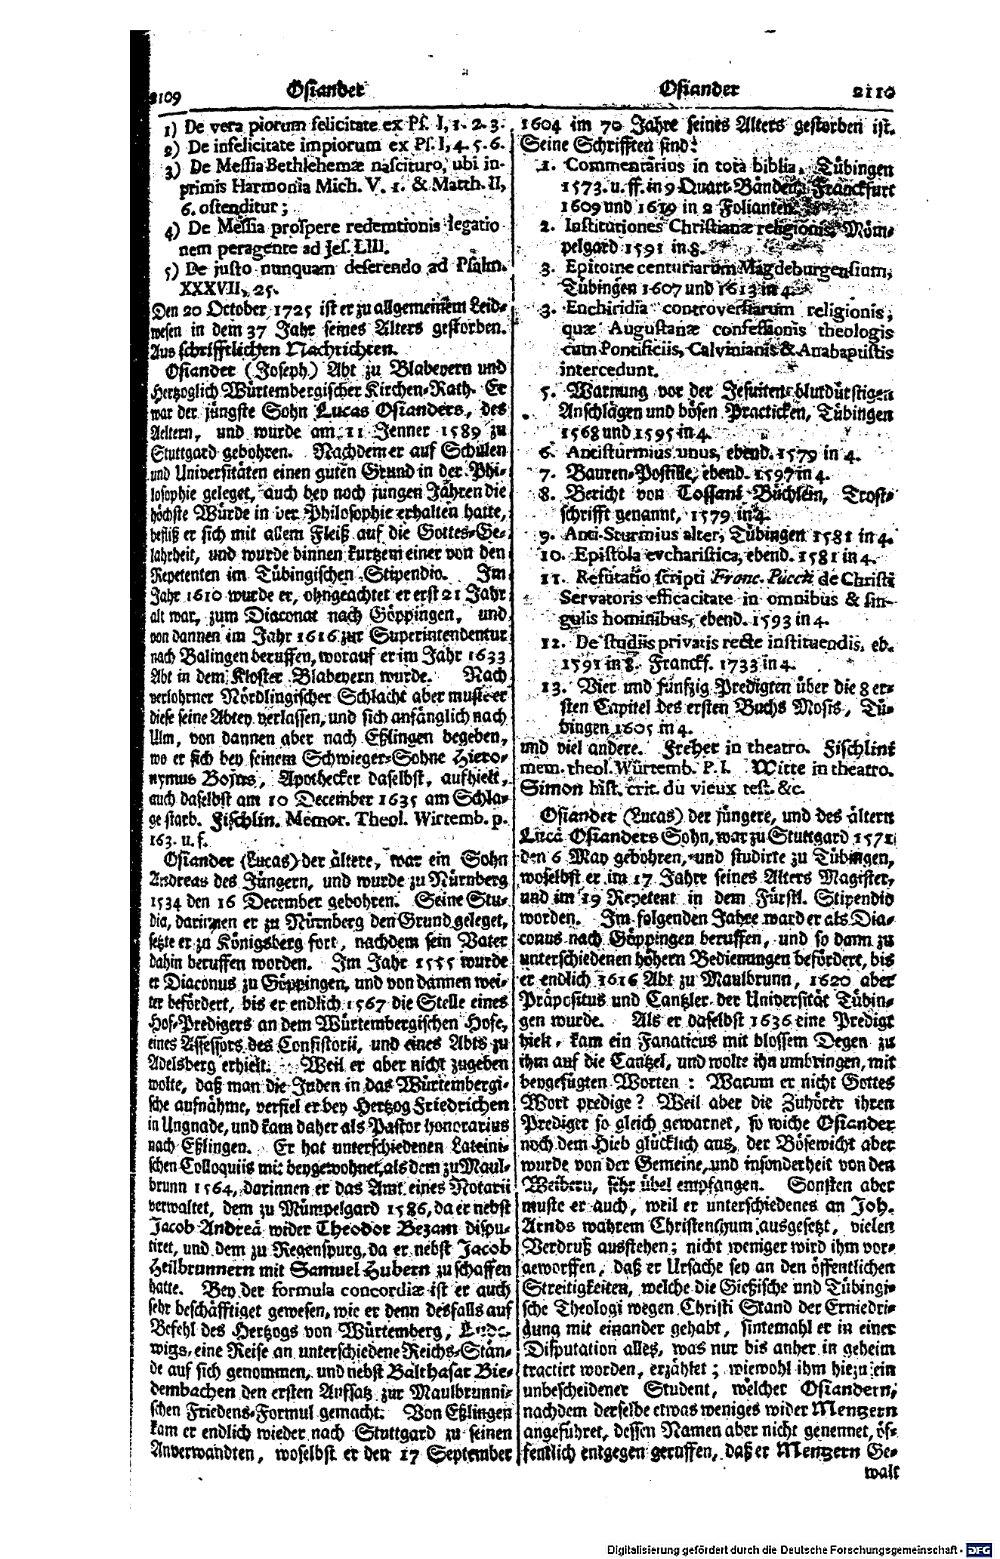 Bd. 25, Seite 1068.